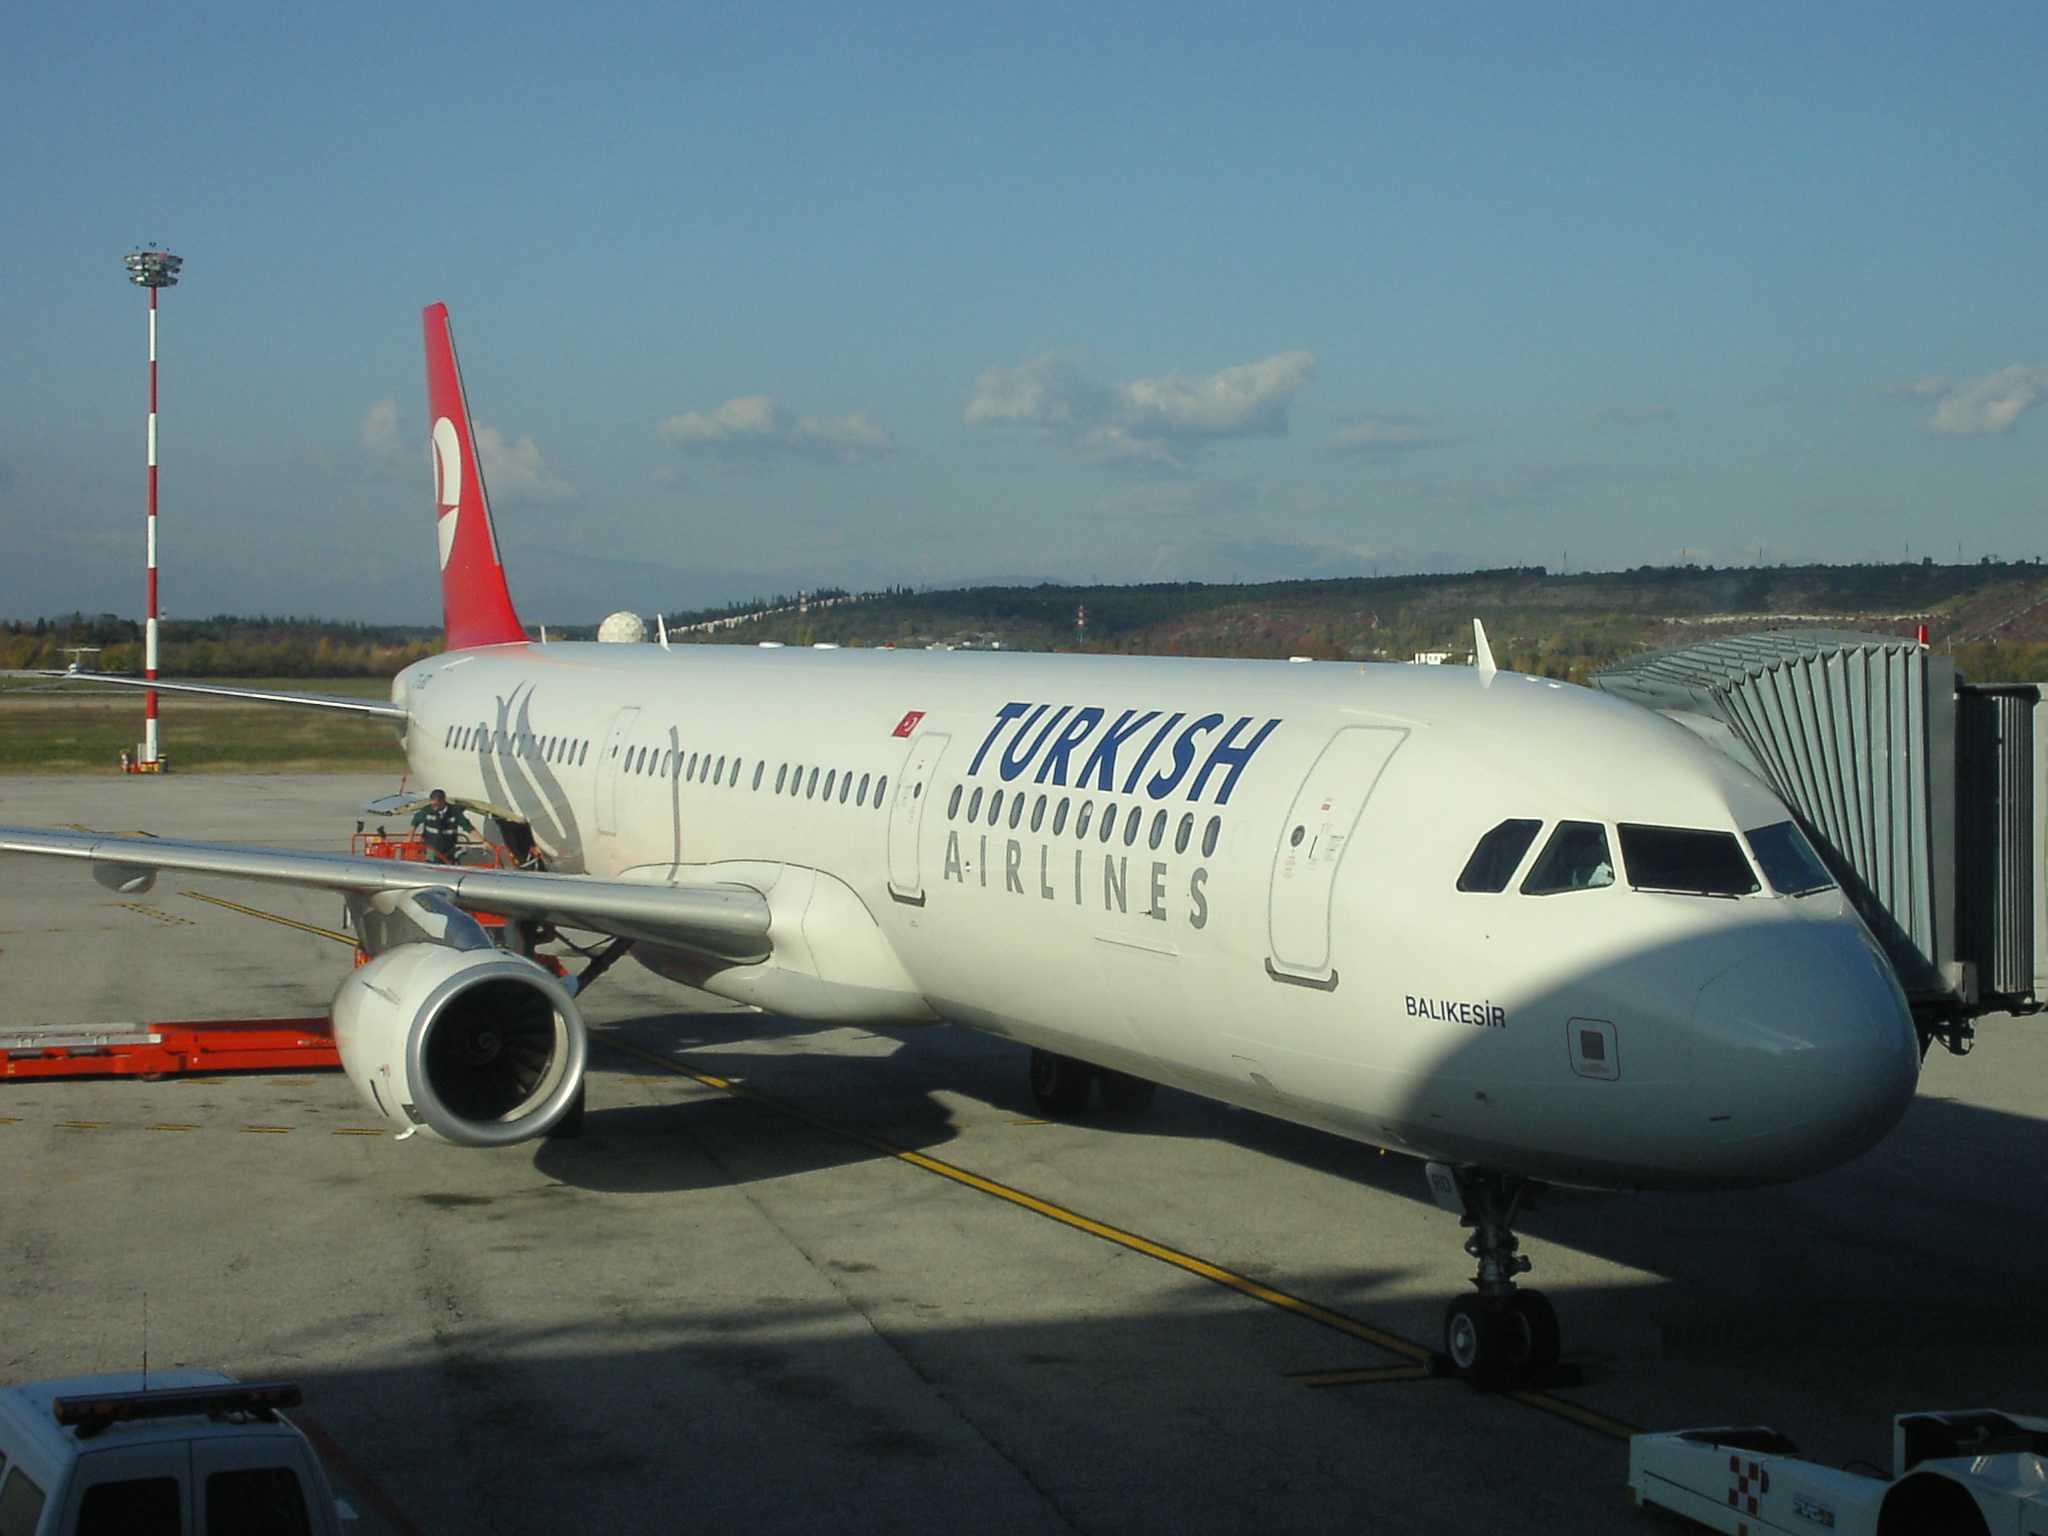 Hava yolları uçuşlarını artırıyor turizm haberleri türk hava